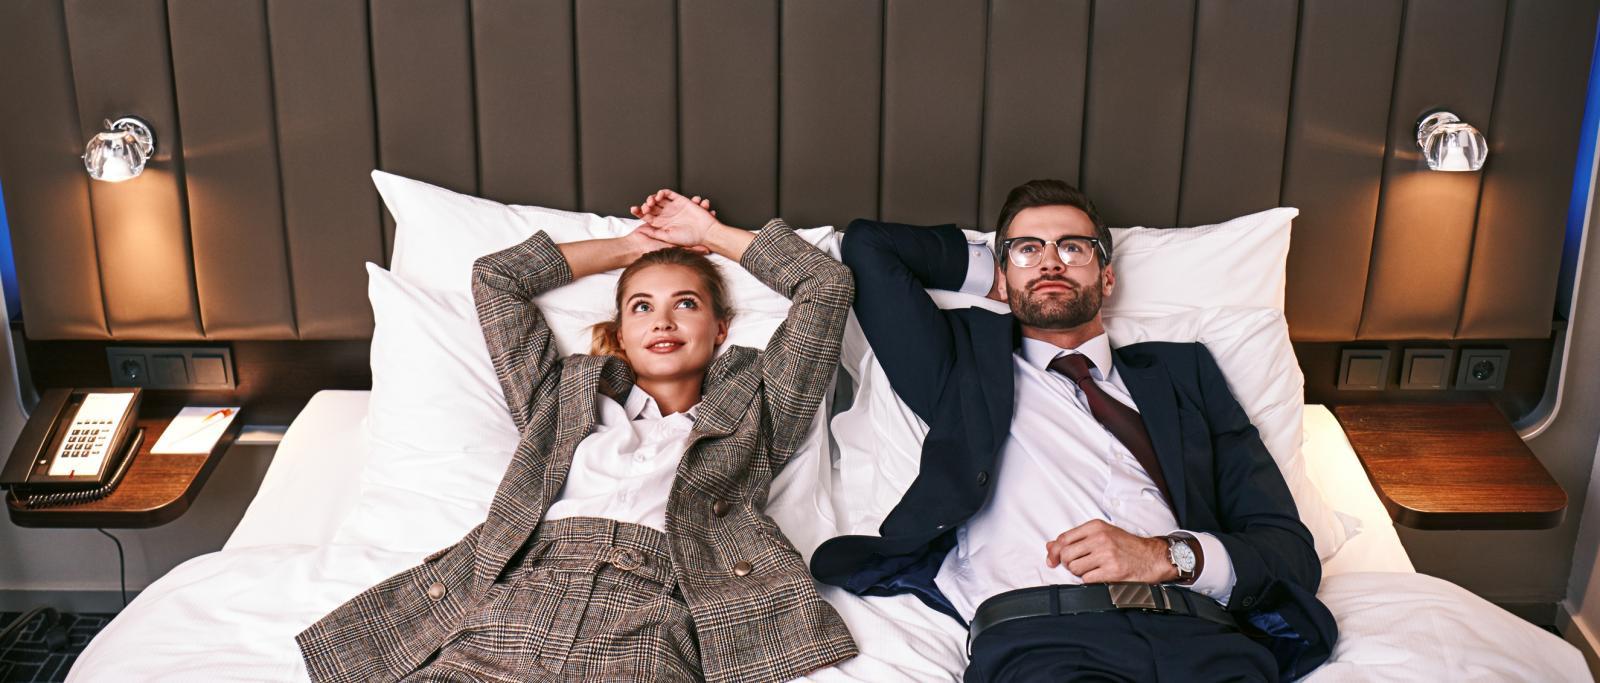 Mnogo faktora utječe na spolnu želju, a znanost je dokazala da postoji jasna veza između učestalosti seksa i osjećaja sreće.